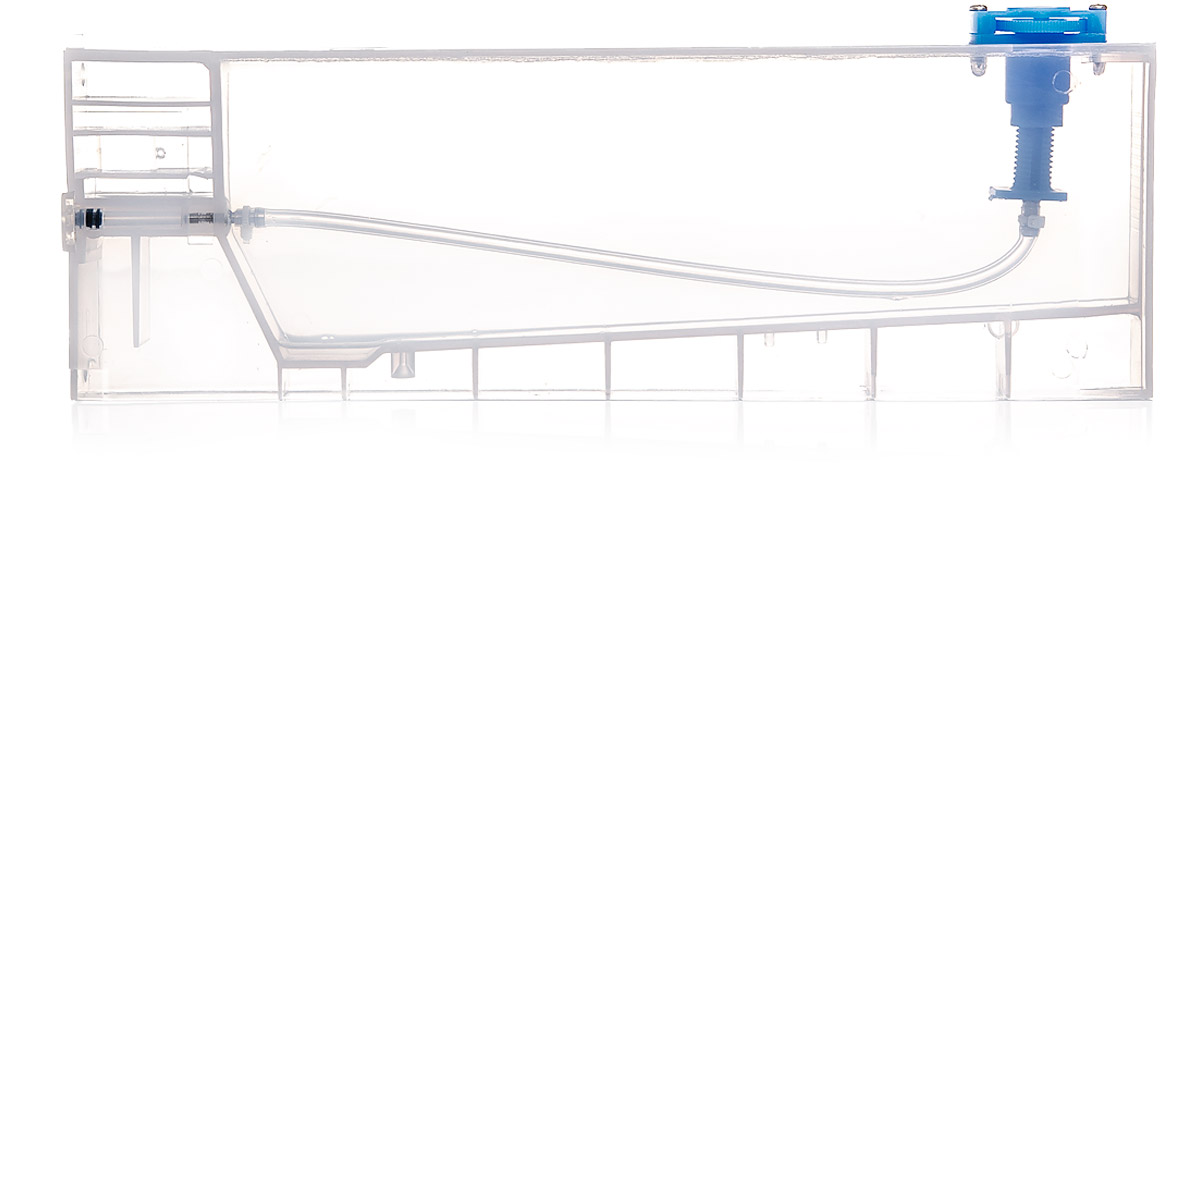 Tintenkartusche für CISS System| Schlauchsystem | für Mimaki und Roland Drucker